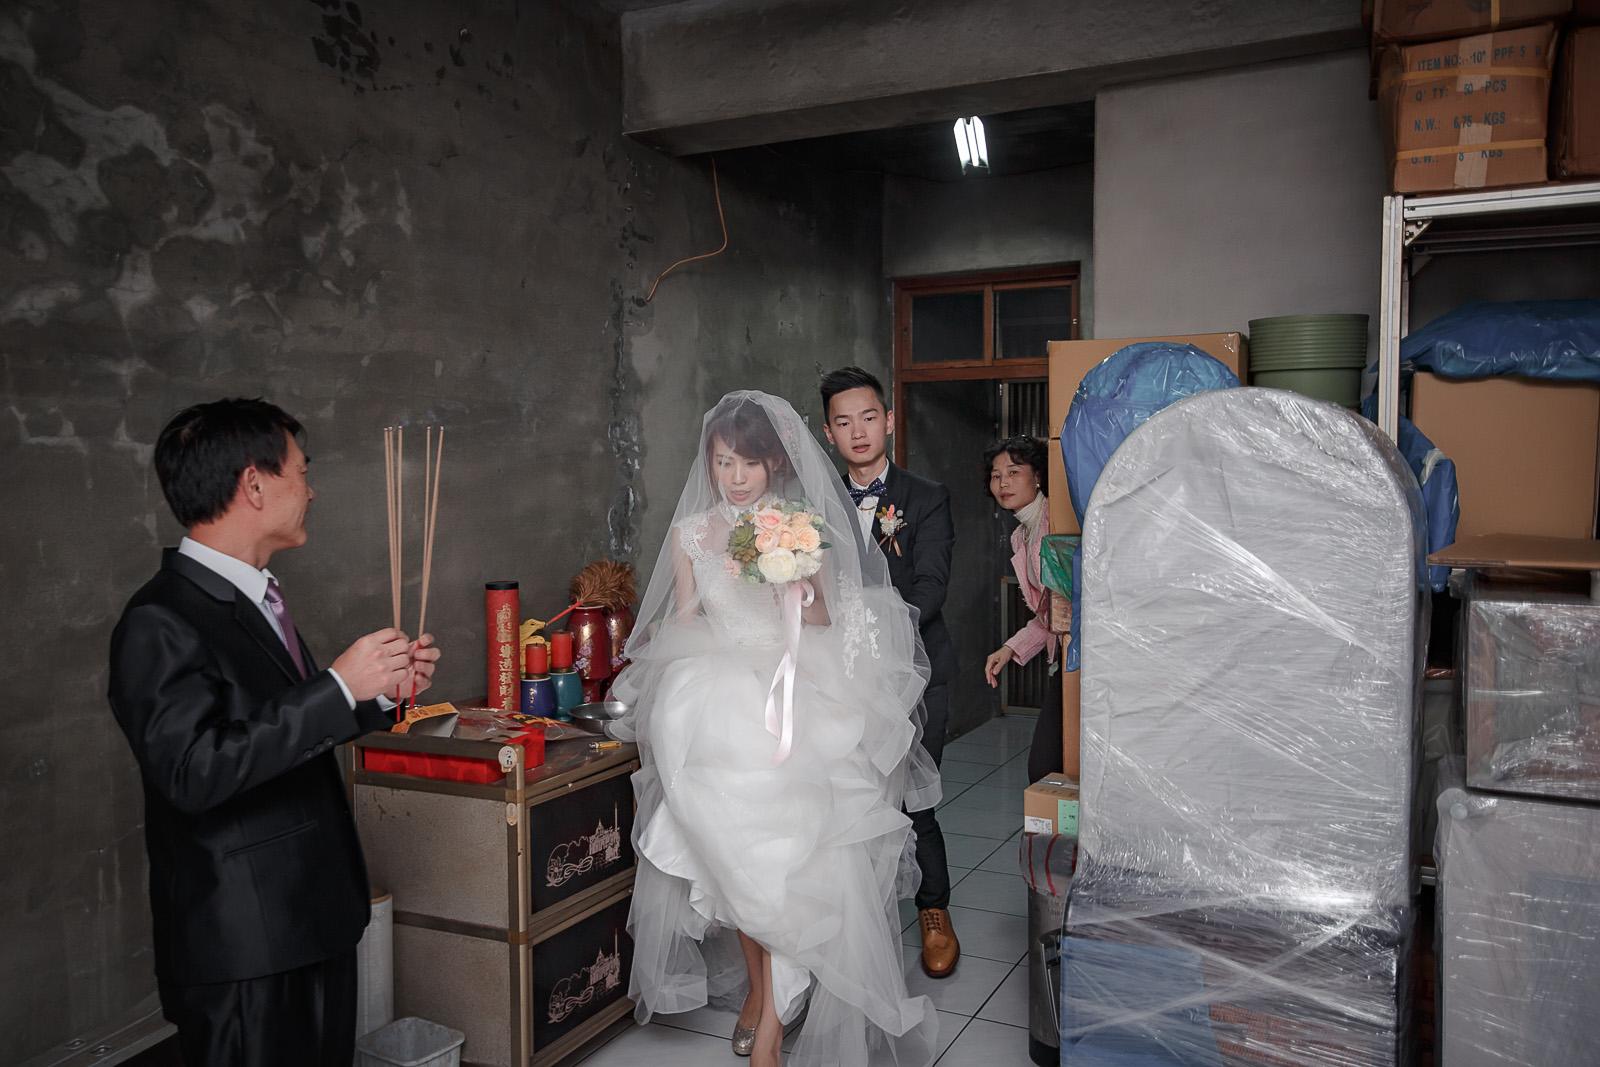 高雄圓山飯店,婚禮攝影,婚攝,高雄婚攝,優質婚攝推薦,Jen&Ethan-175